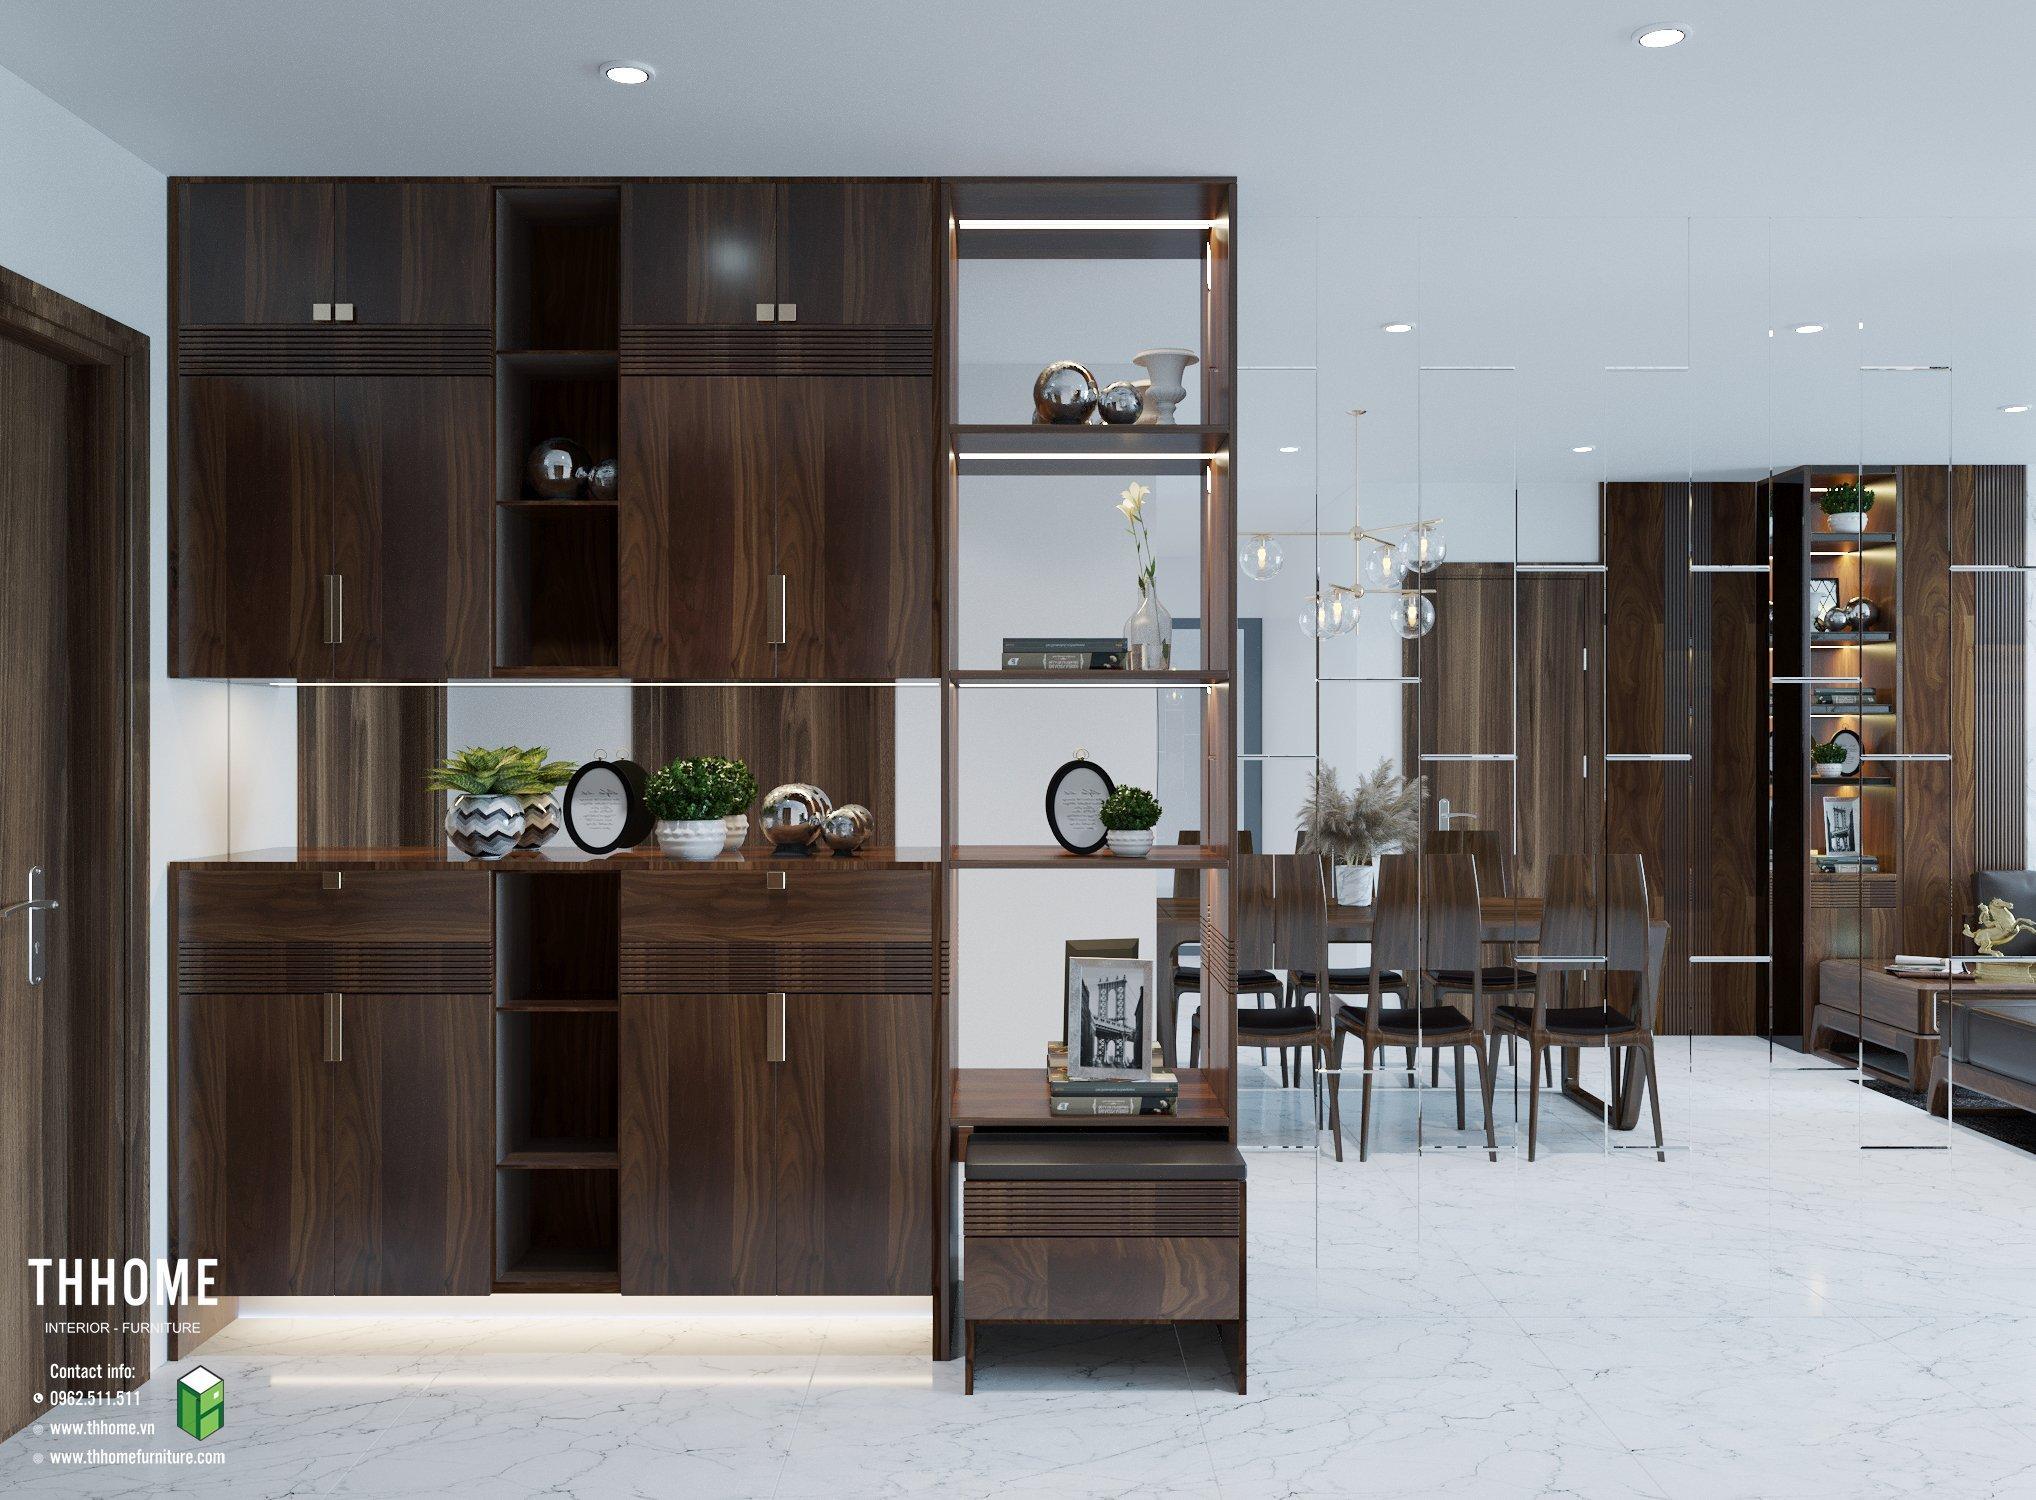 Dịch vụ thiết kế và thi công nội thất trọn gói